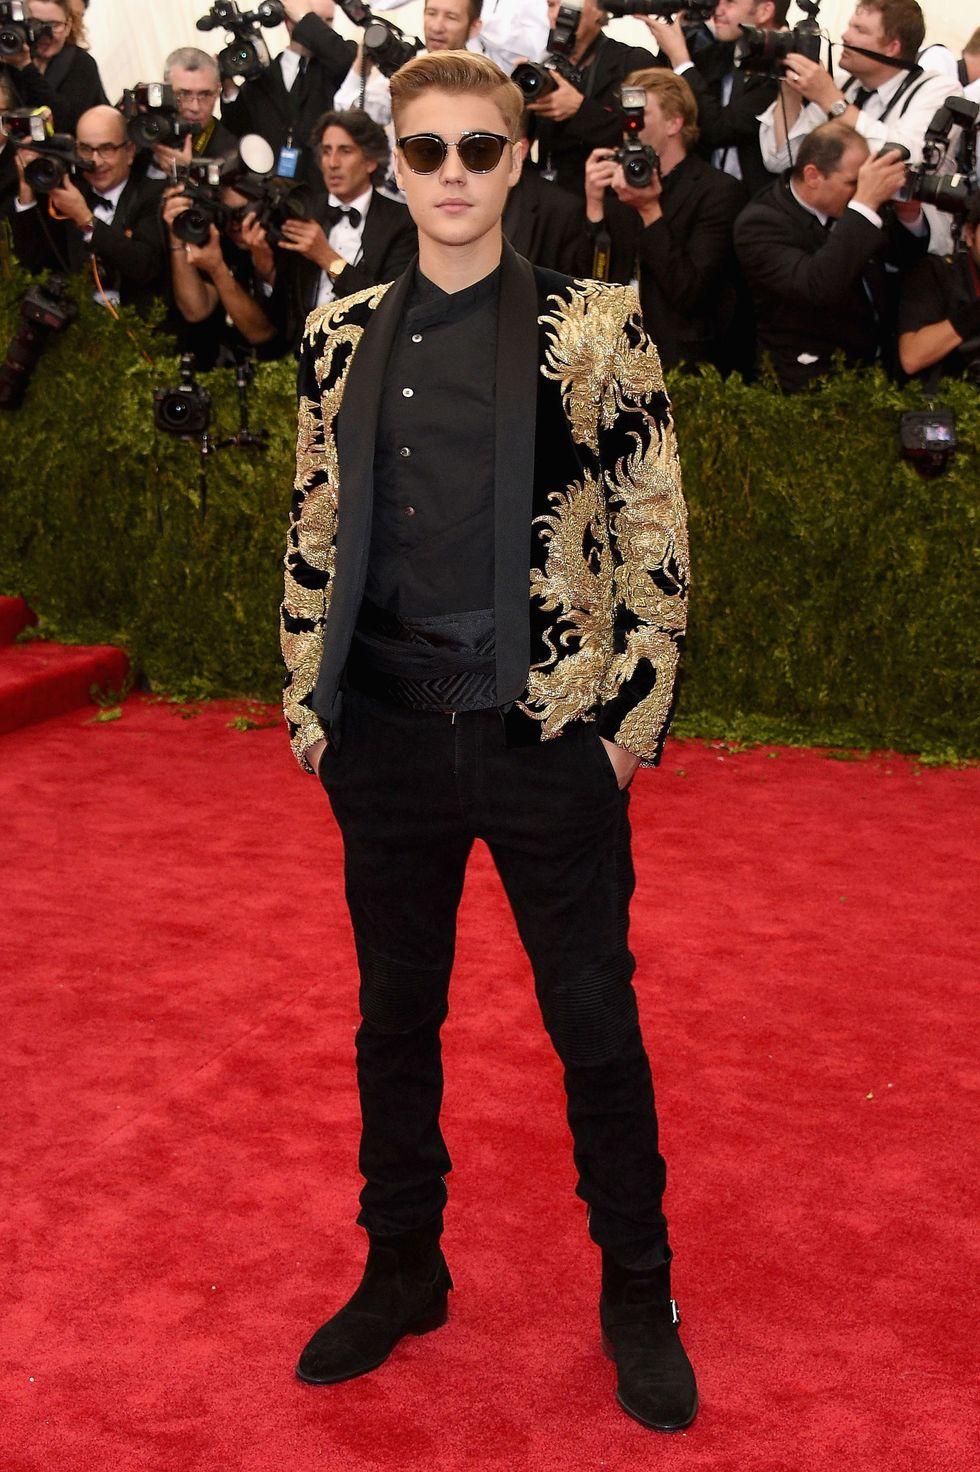 Justin Bieber cùng bộ suit tâm điểm tại Met Gala 2015